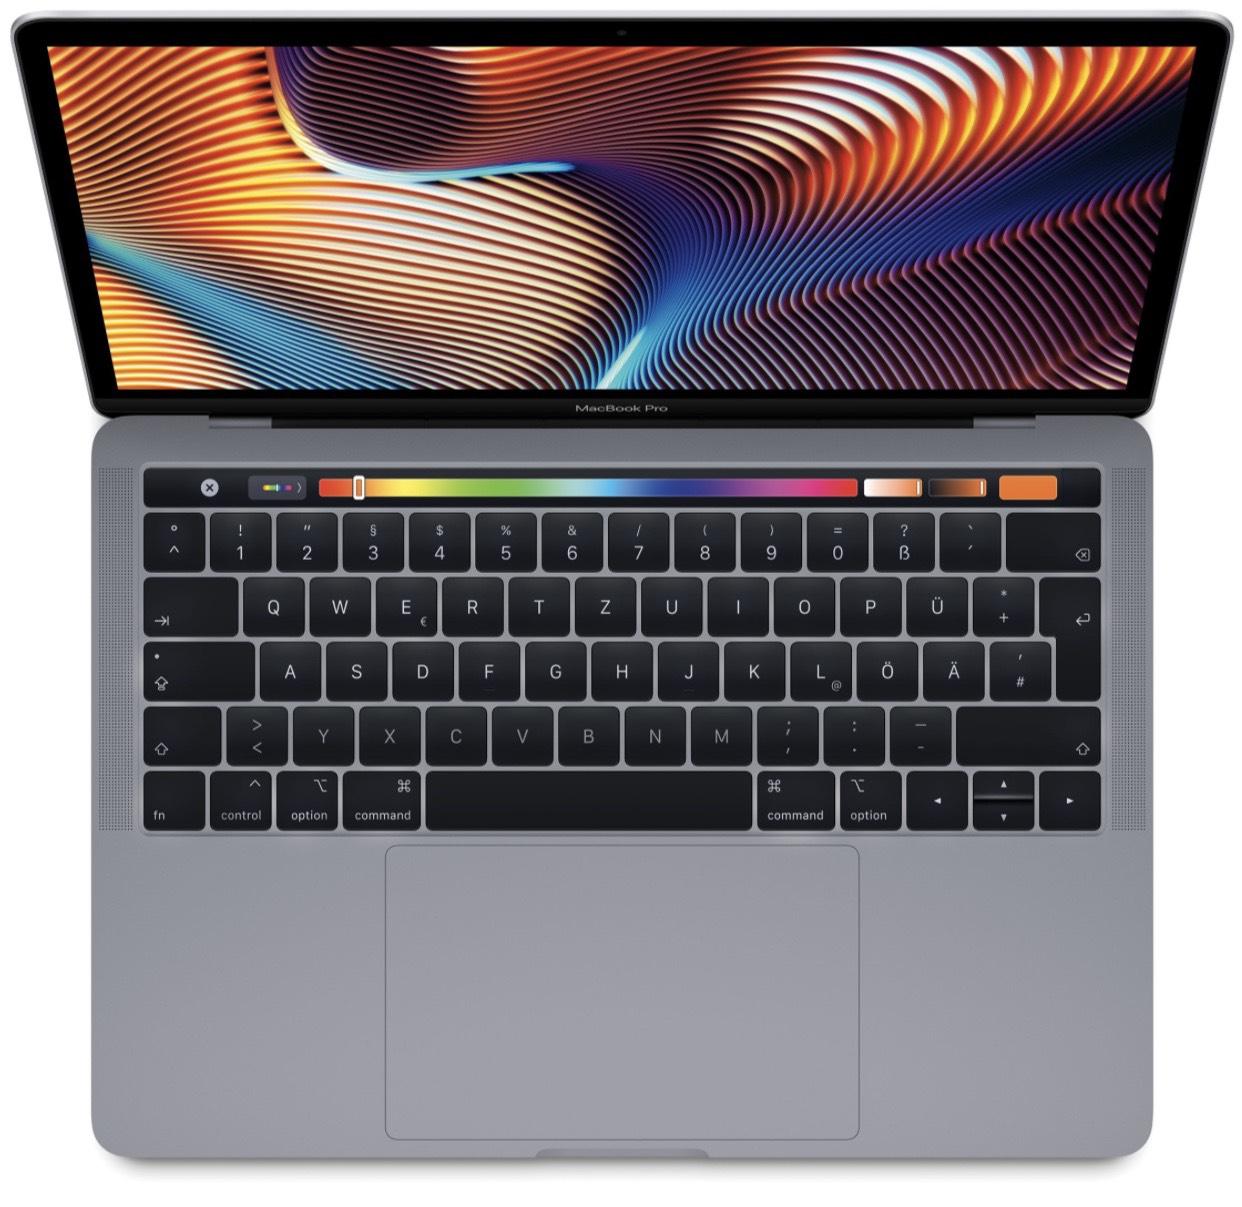 Apple MacBook Pro mit Touchbar zum bisherigen Bestpreis in D